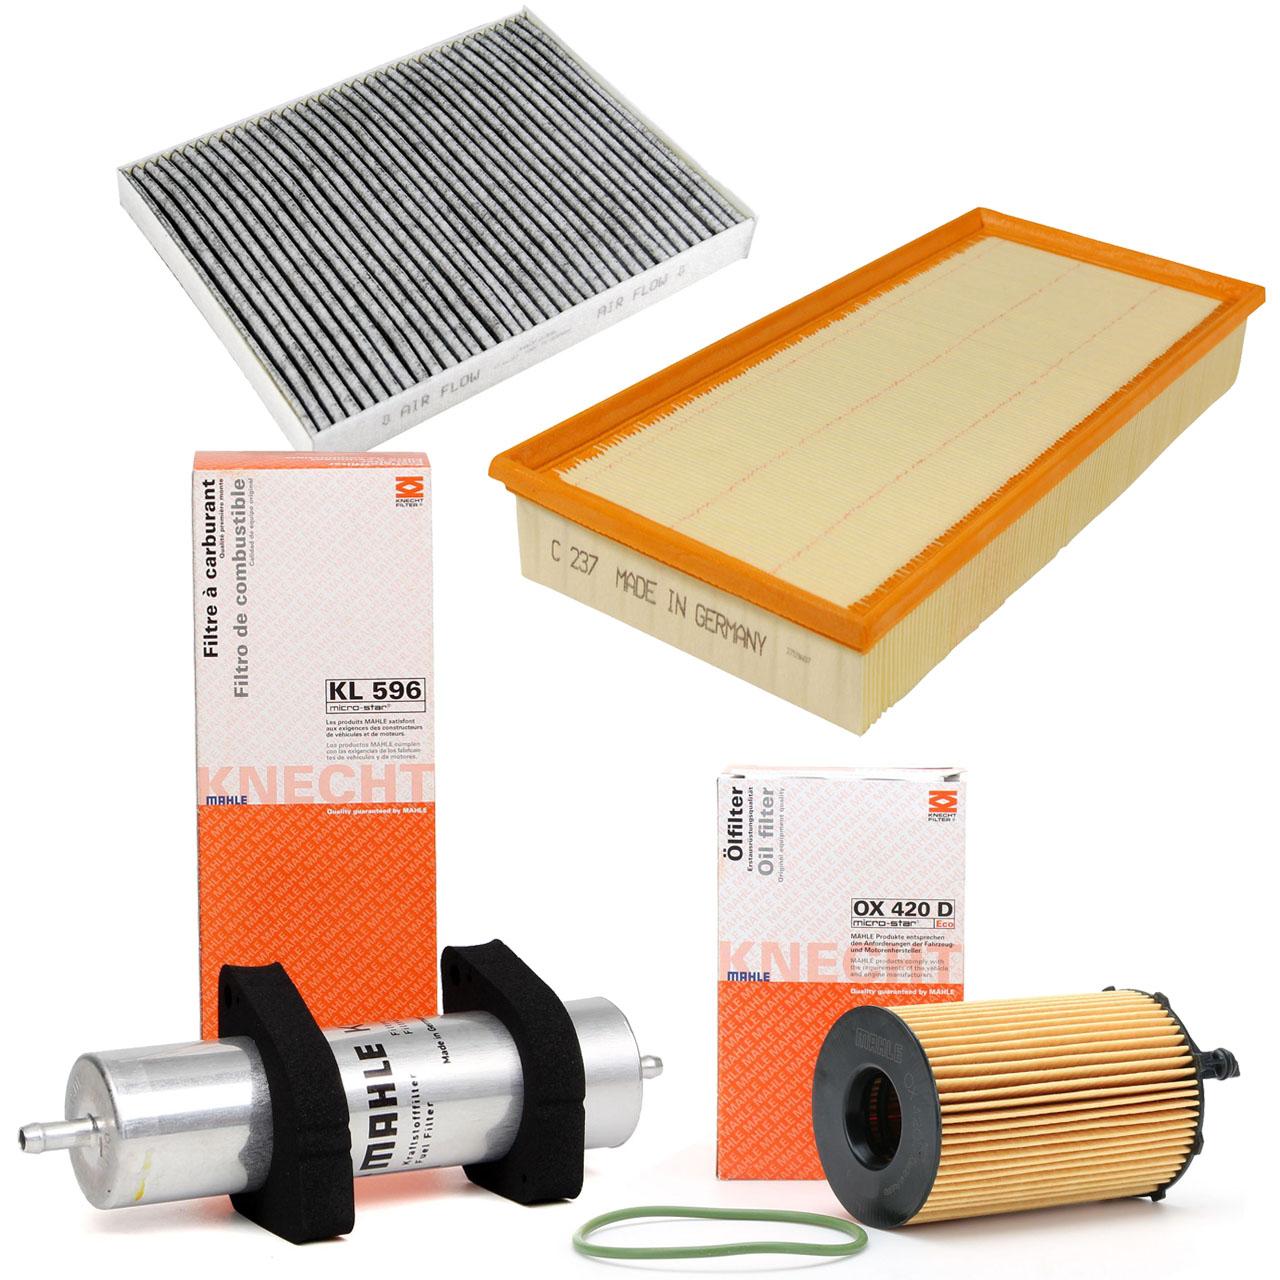 Inspektionskit Filterpaket Filterset für Audi Q7 4L 3.0TDI 204/245 PS ab 05.2010